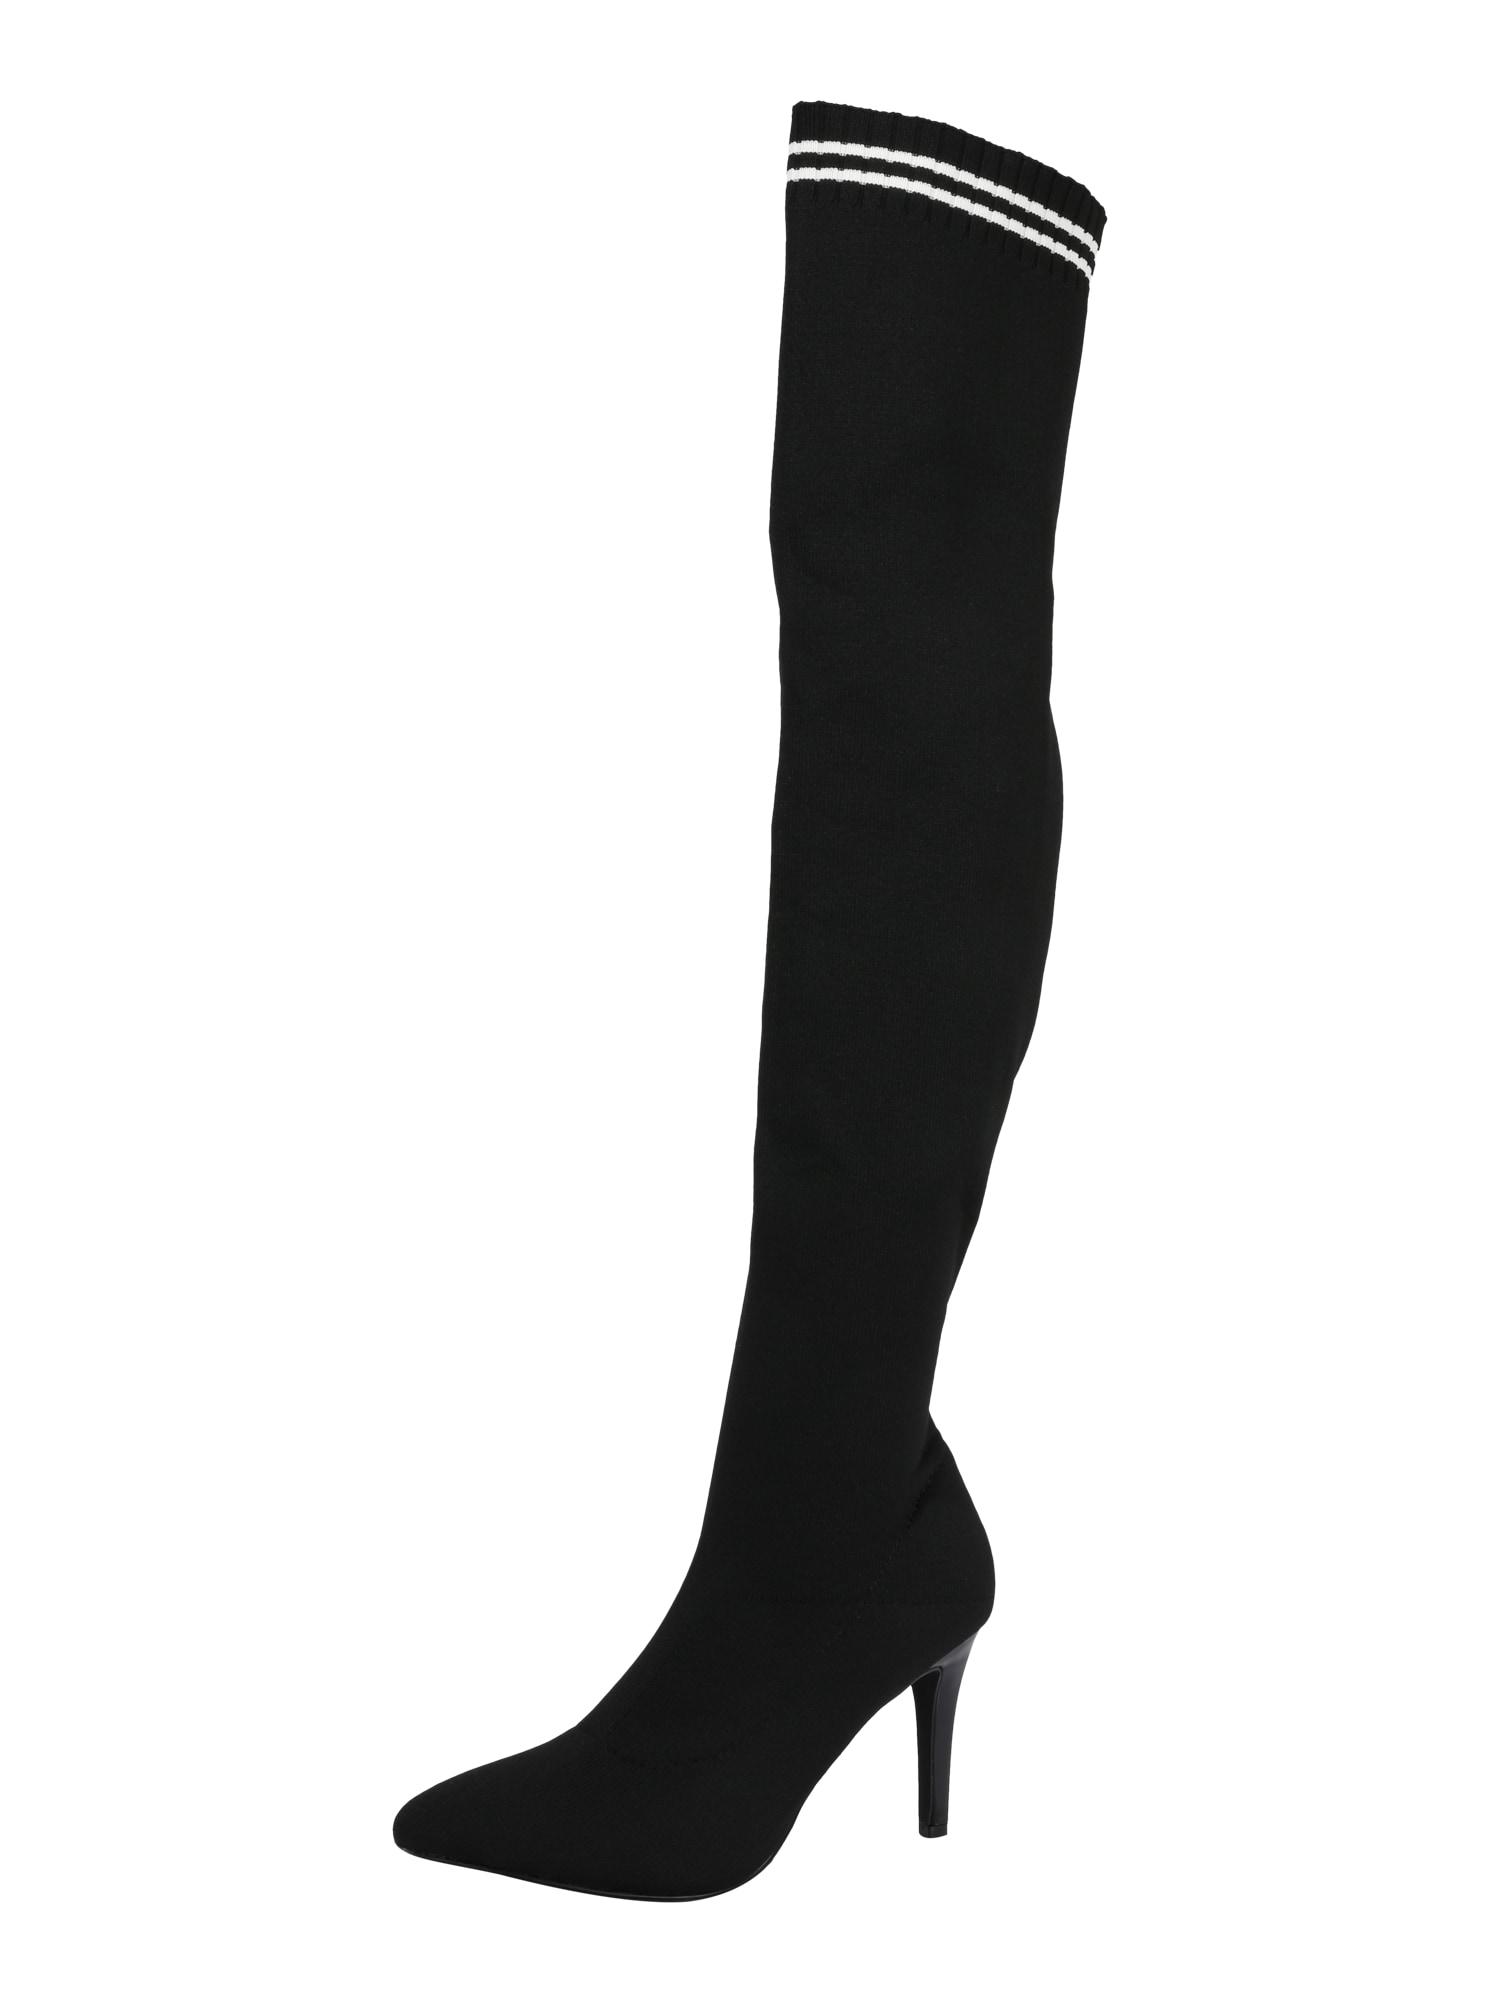 BUFFALO, Dames Overknee laarzen 'LEMON DROP', zwart / wit